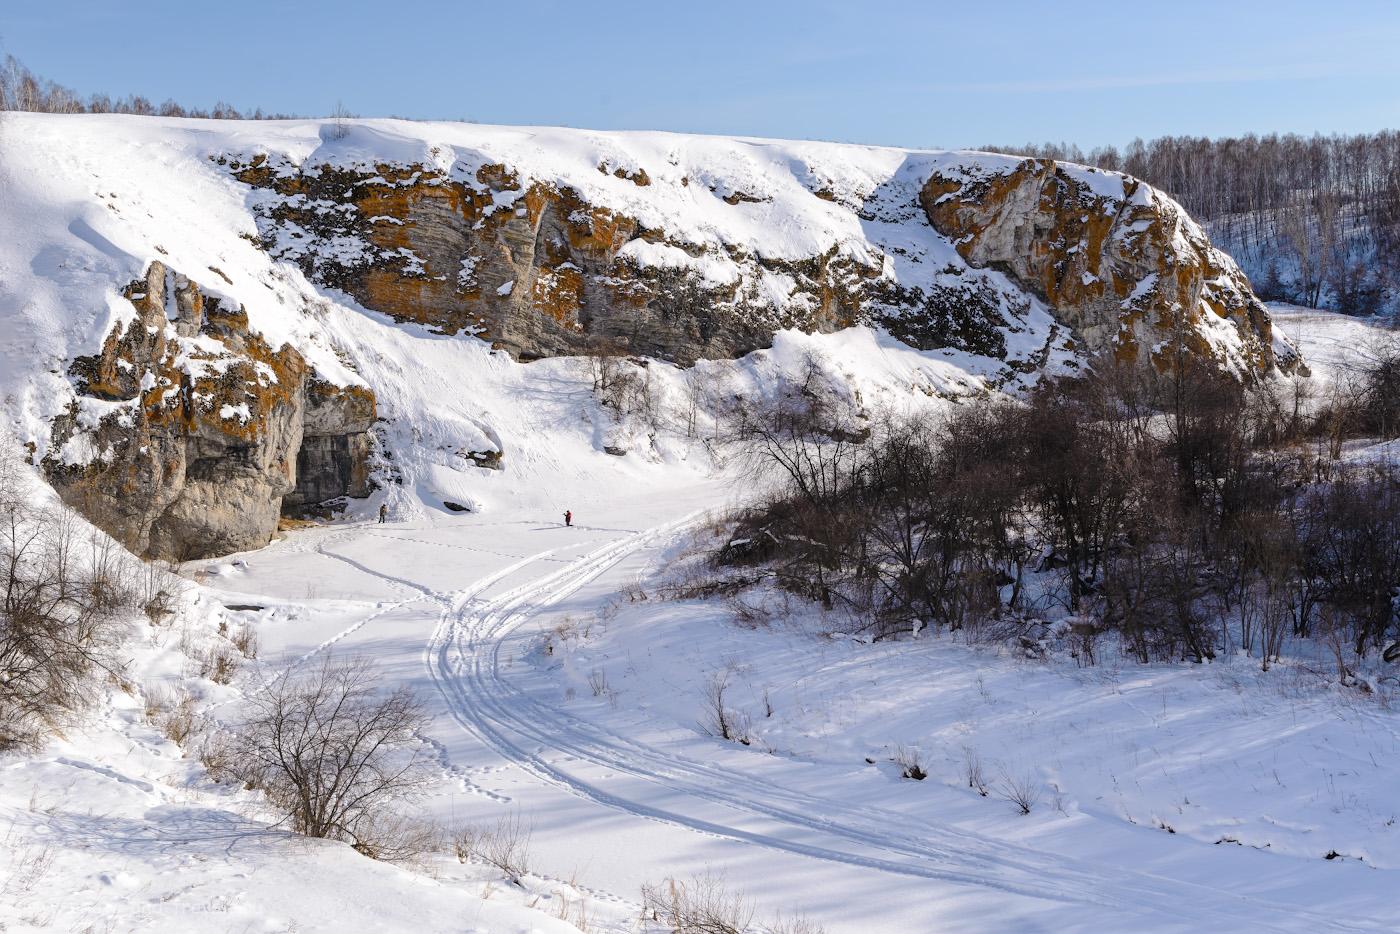 Фото 31. Долина Зотинской пещеры. Какие интересные места посмотреть в Челябинской области. 1/125, +0.33, 9.0, 100, 45.